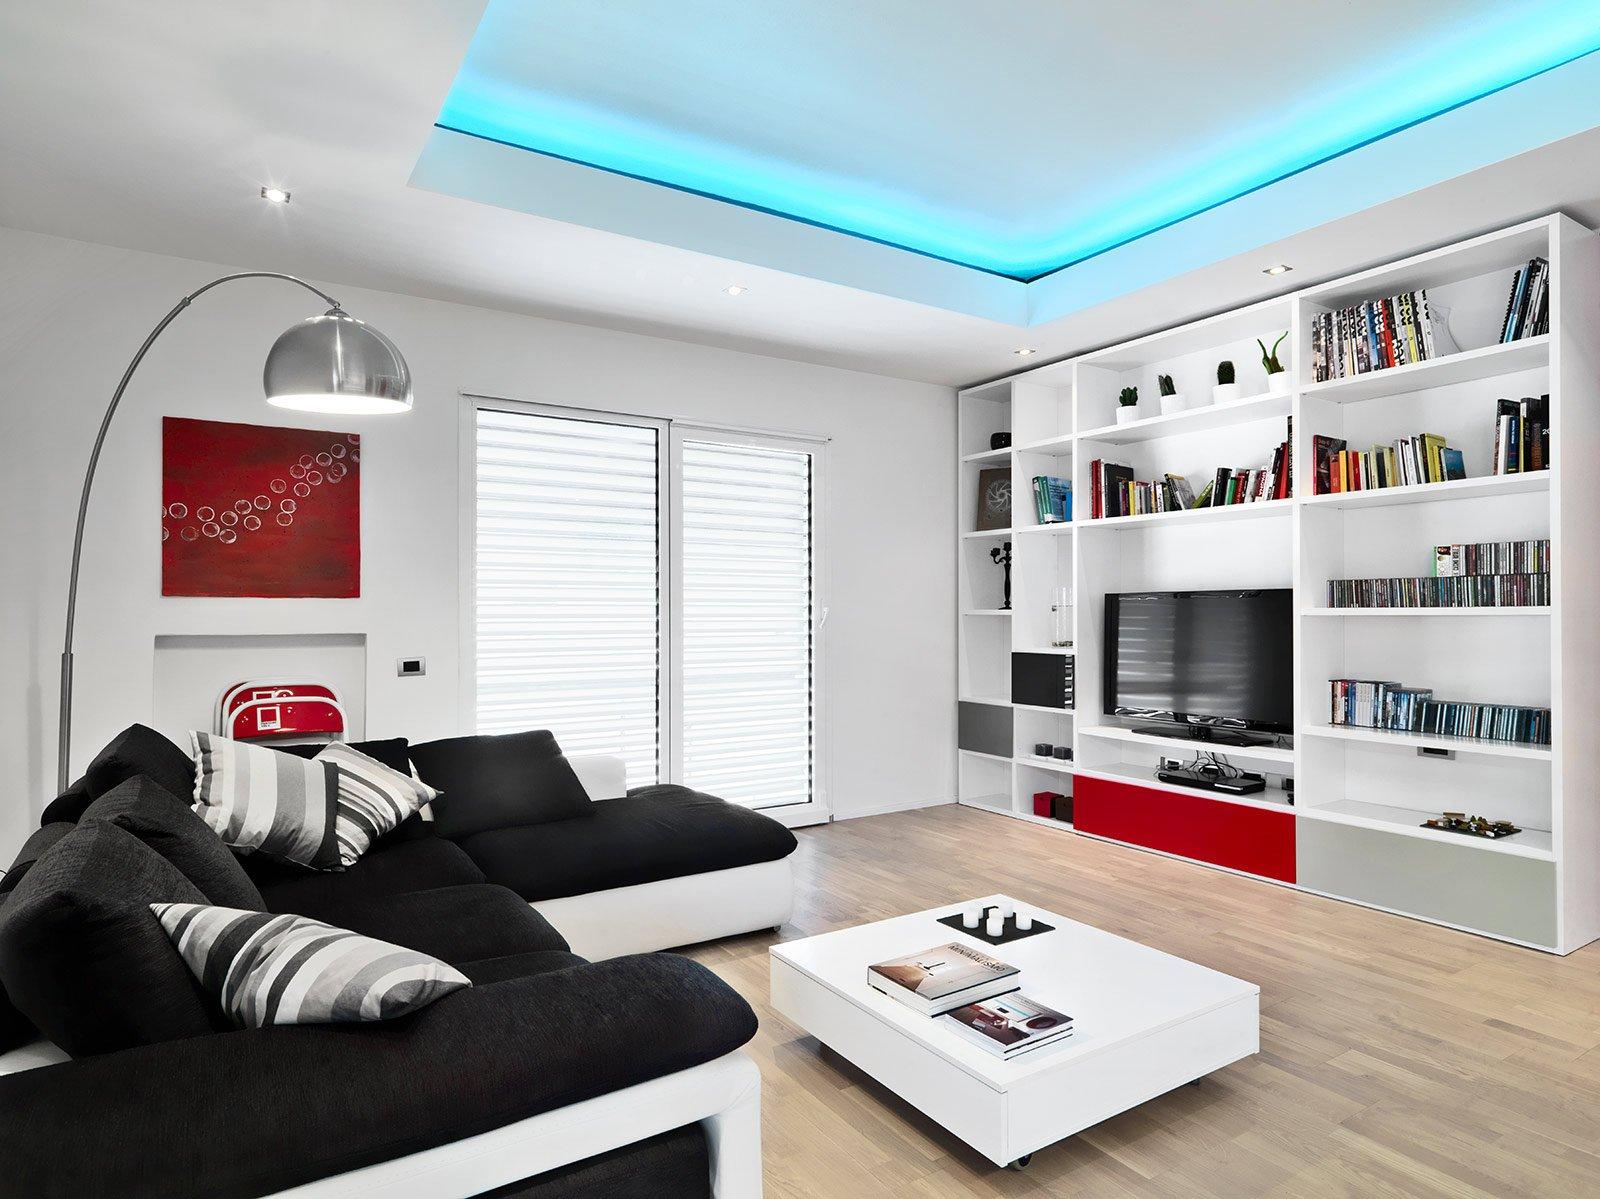 Una casa ristrutturata ridisegnando le prospettive interne for Arredamento moderno casa